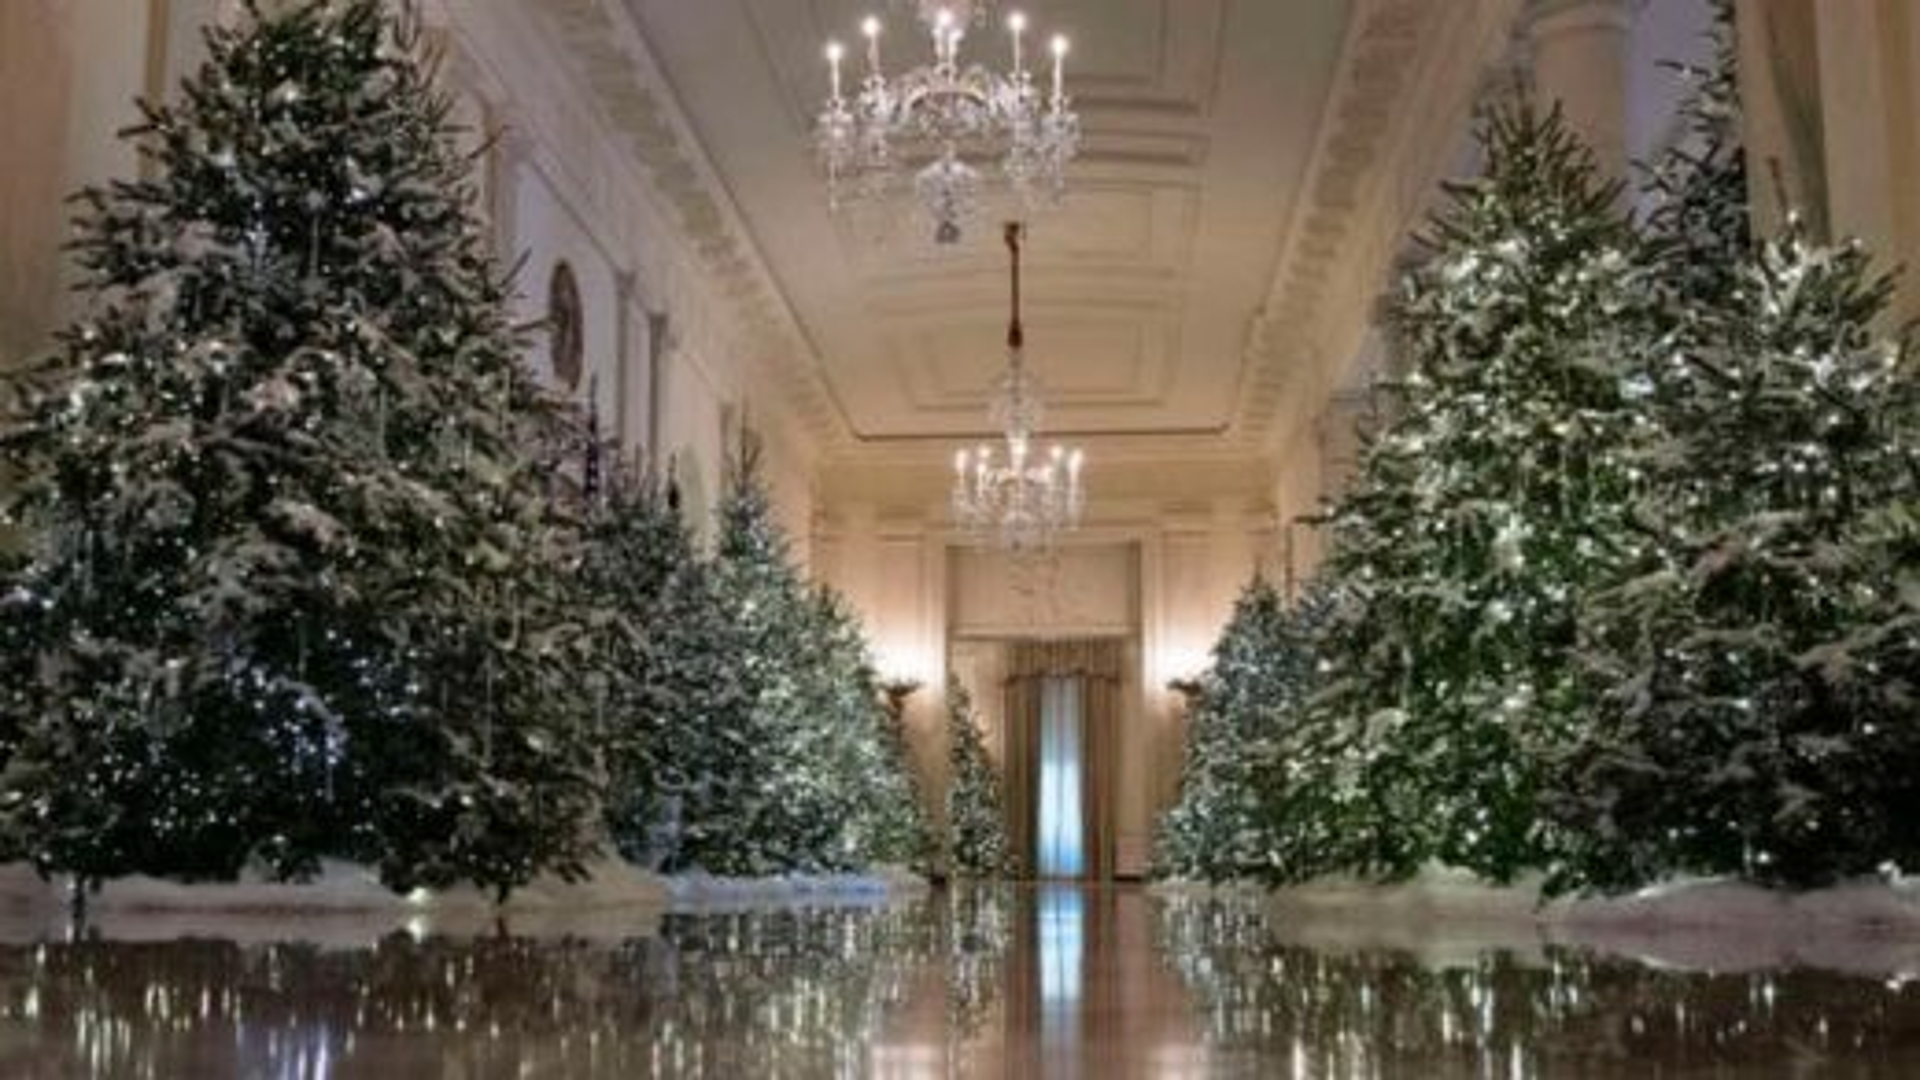 دکور-کریسمس | تگ